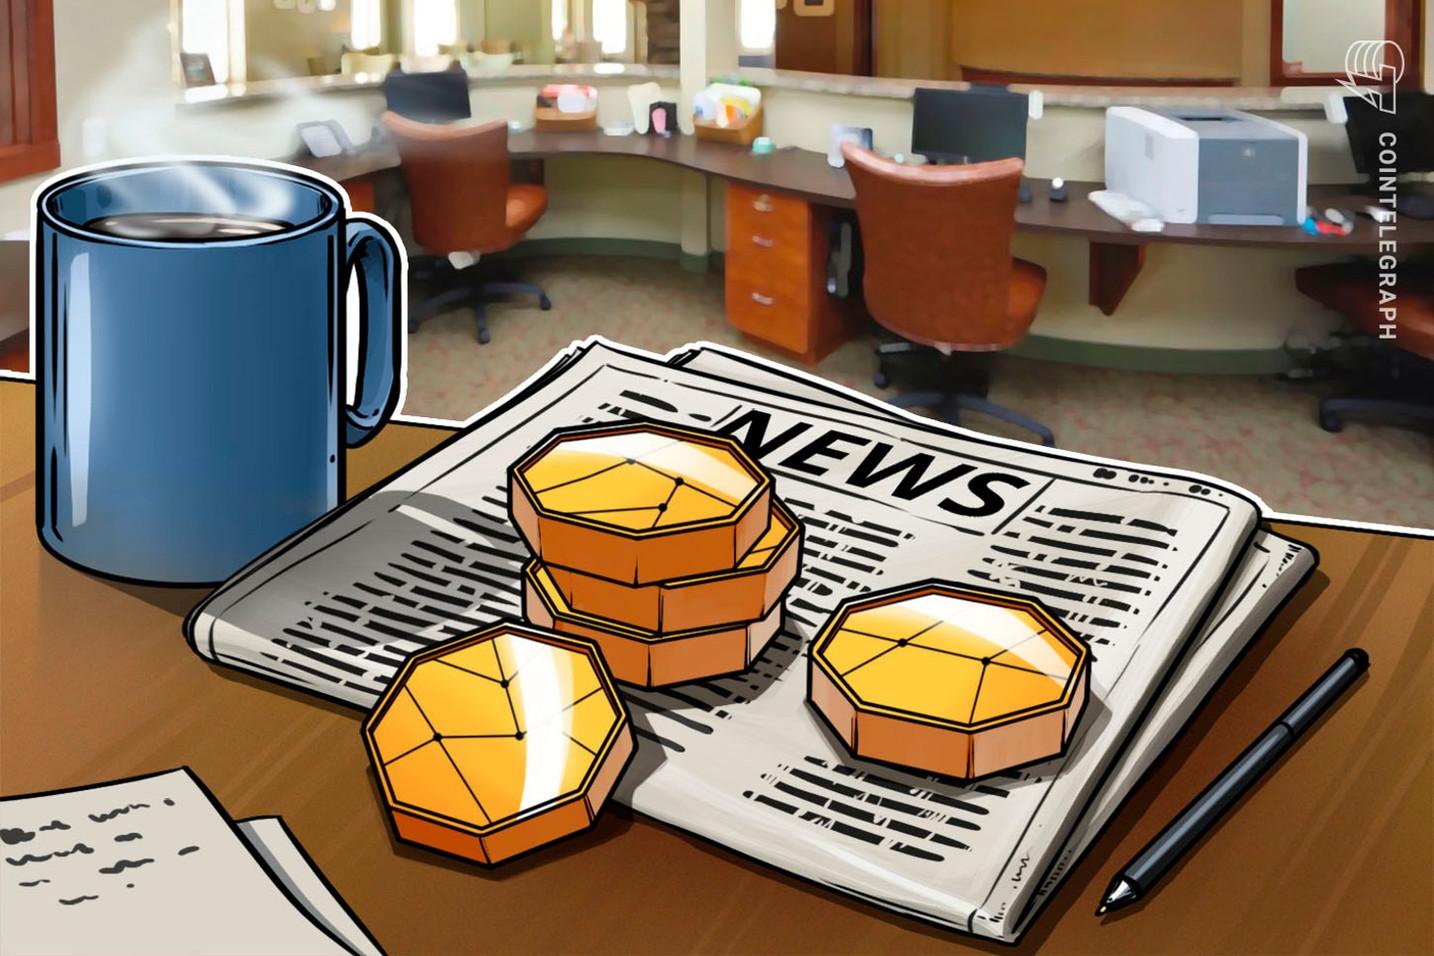 QUOINE、仮想通貨ビットコインSVに相当する日本円をユーザーに付与【ニュース】